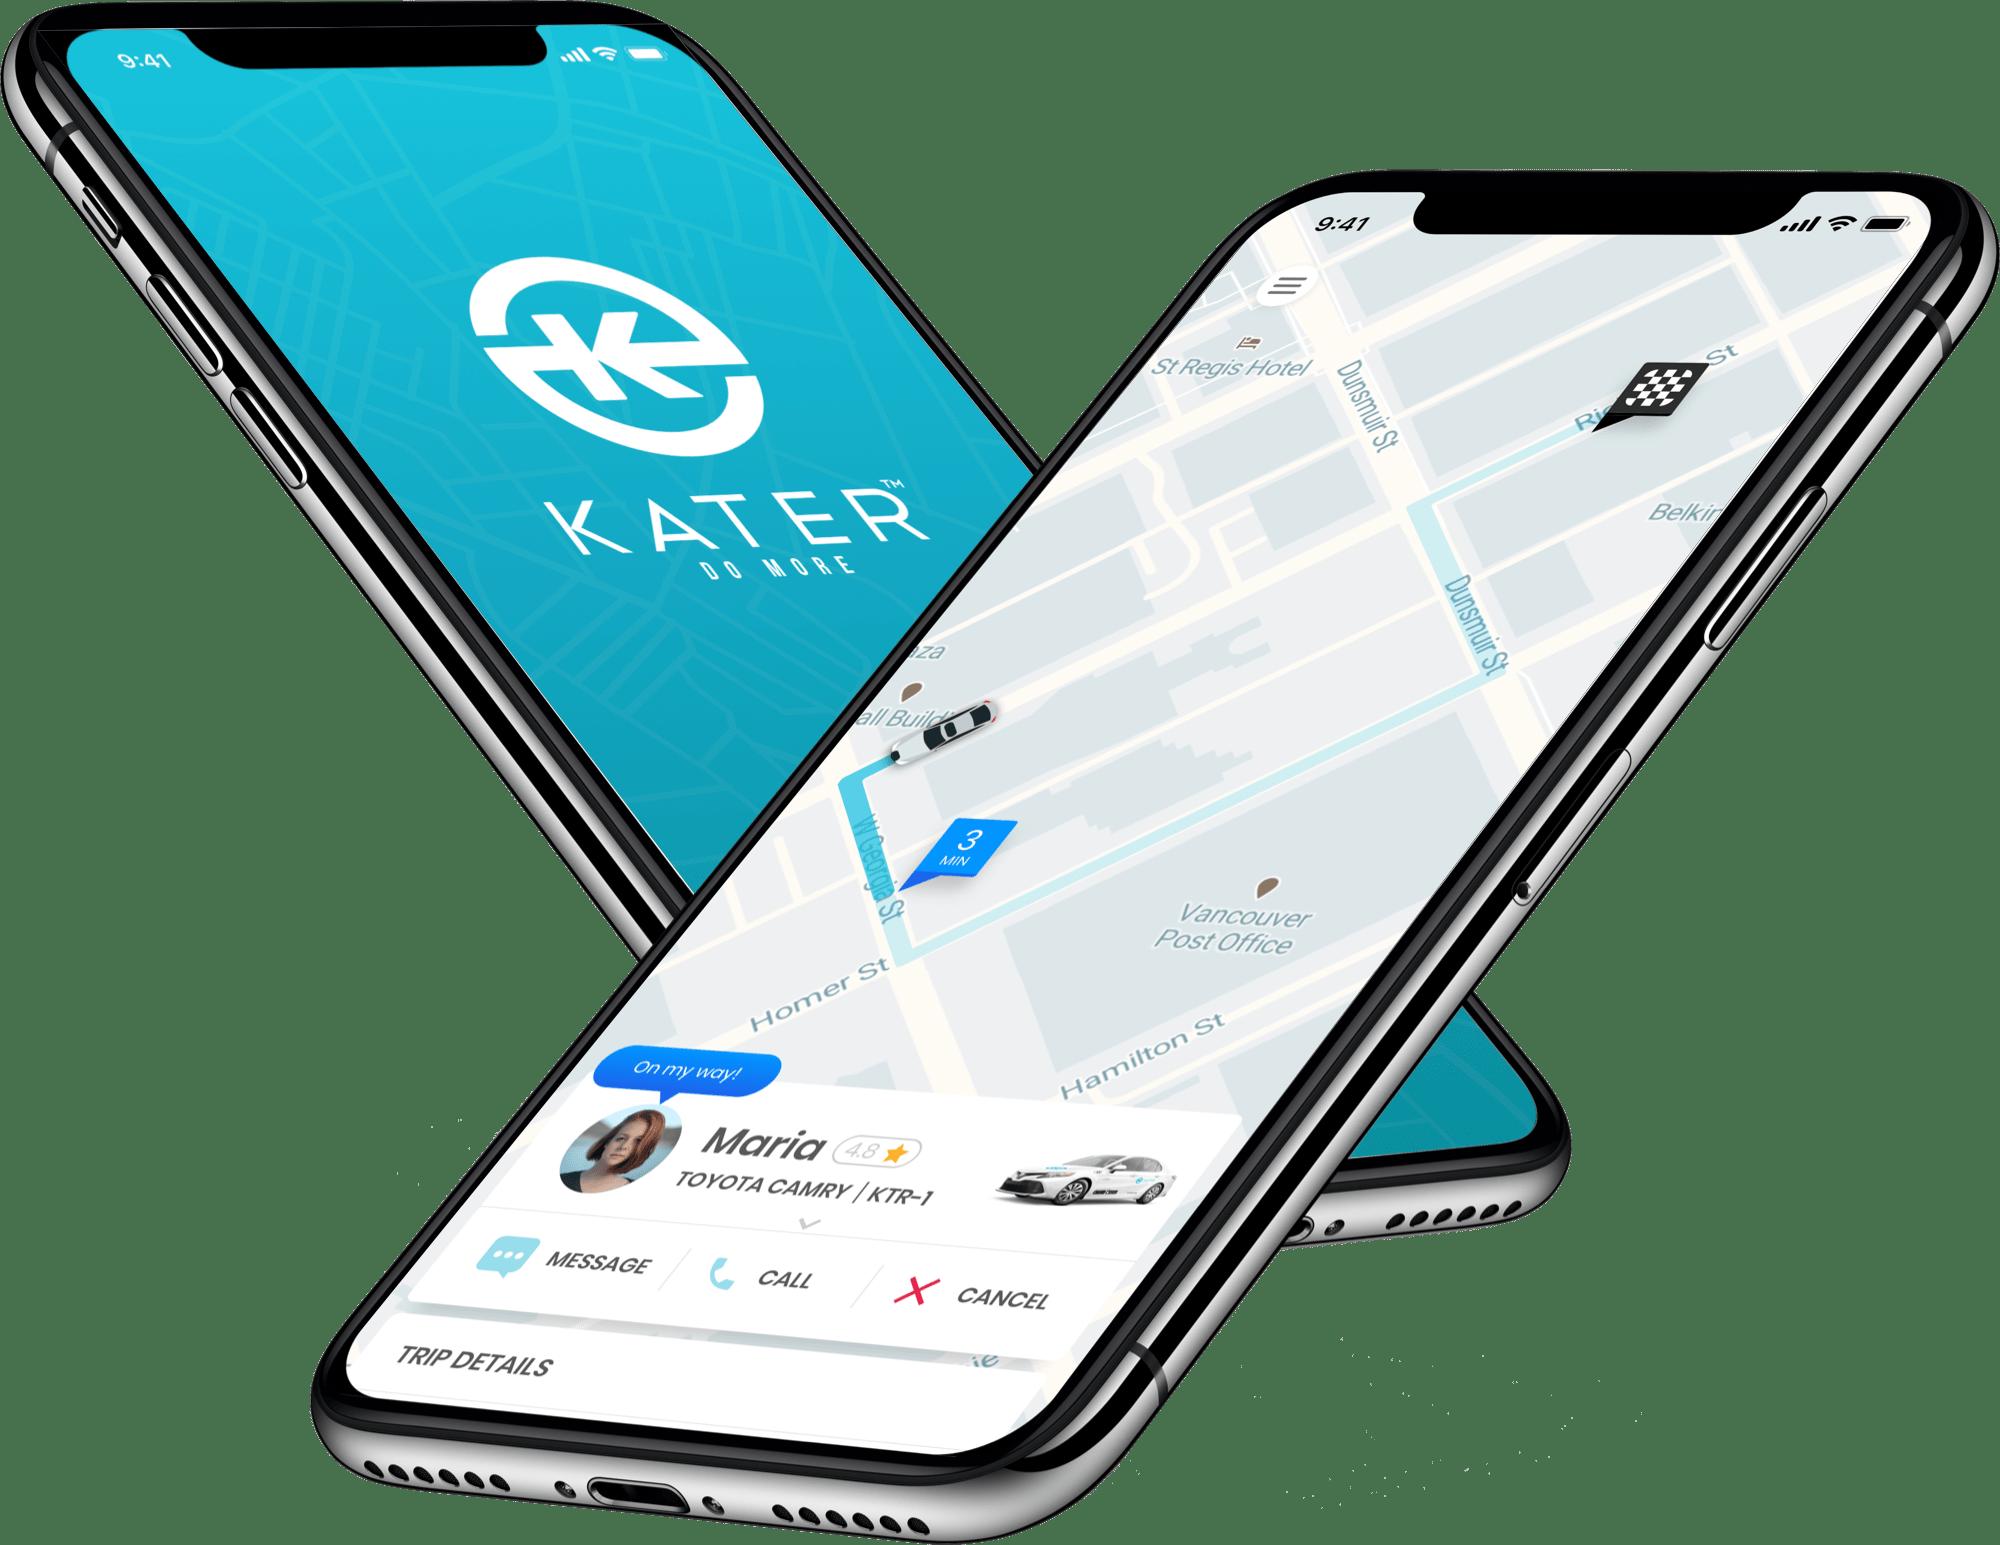 Kater Client App